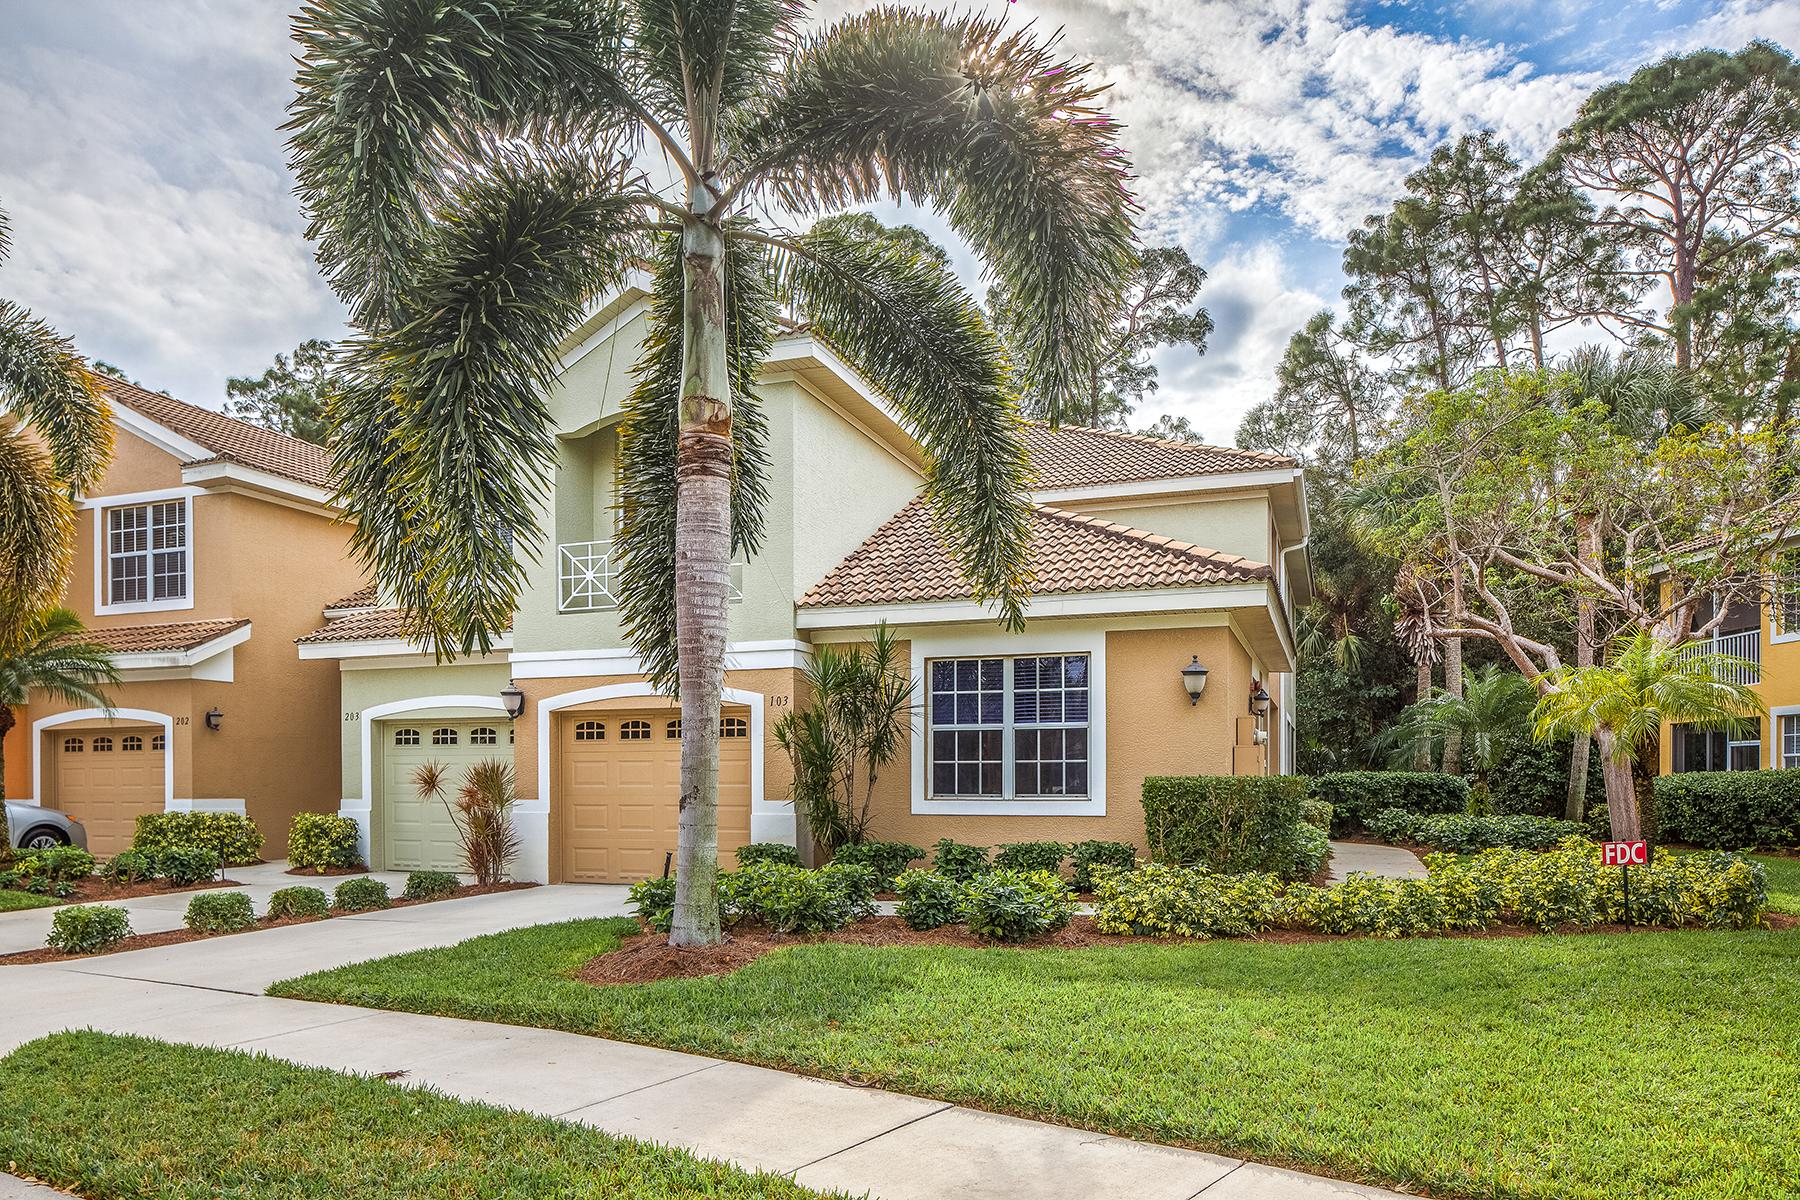 コンドミニアム のために 売買 アット STONEBRIDGE - BRAEBURN 1675 Winding Oaks Way 103 Naples, フロリダ, 34109 アメリカ合衆国